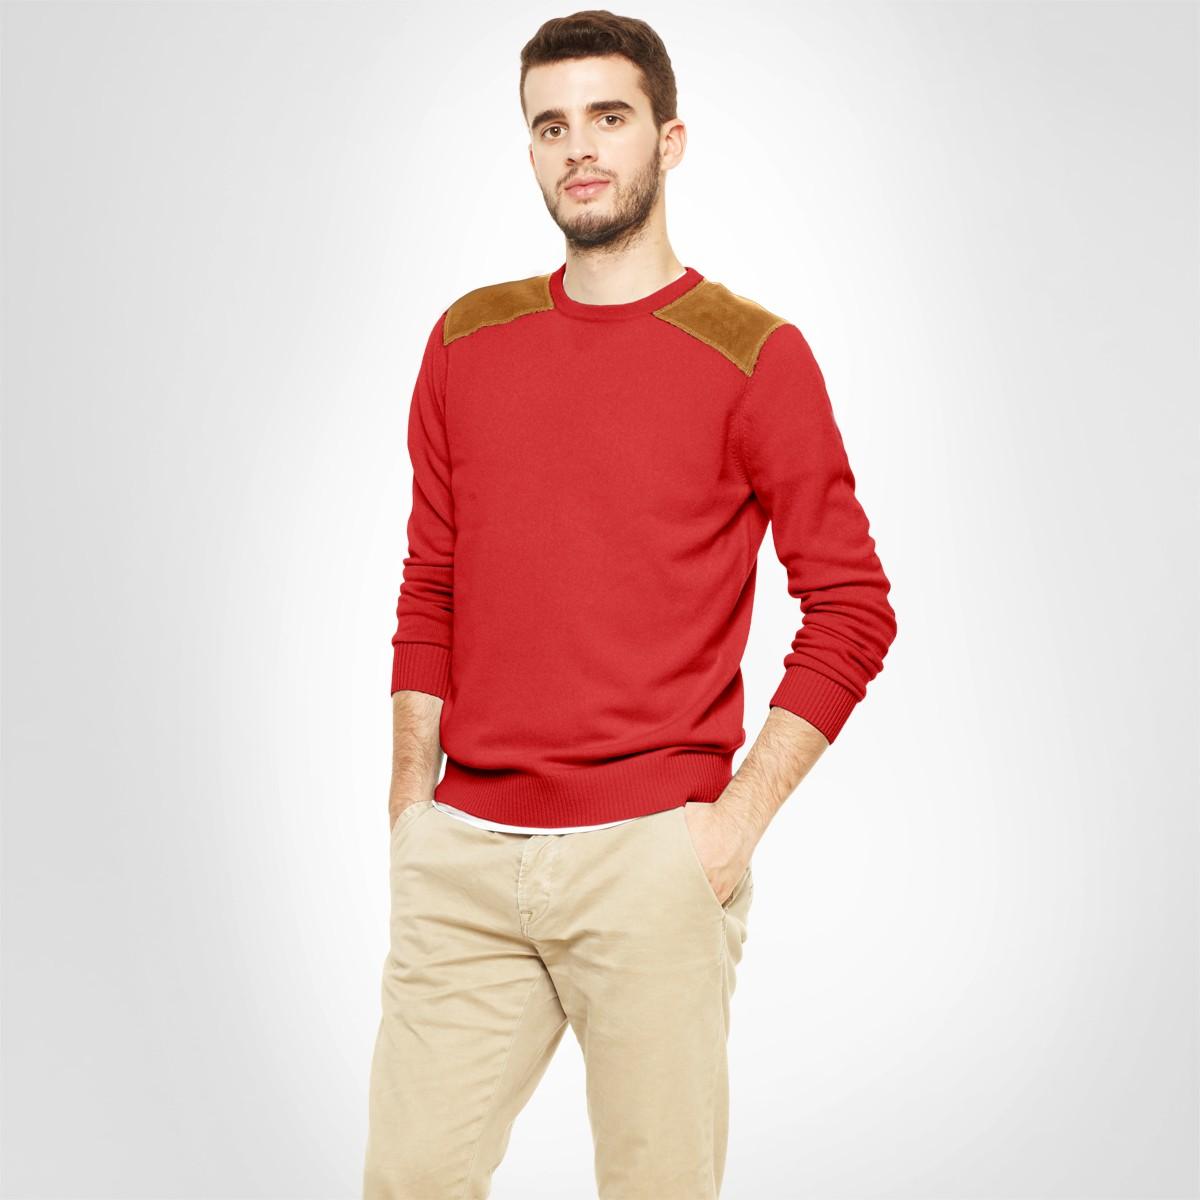 Vestimentaire Pep's Votre De Pull Rouge Touche Tenue HommeLa iOkXuZP